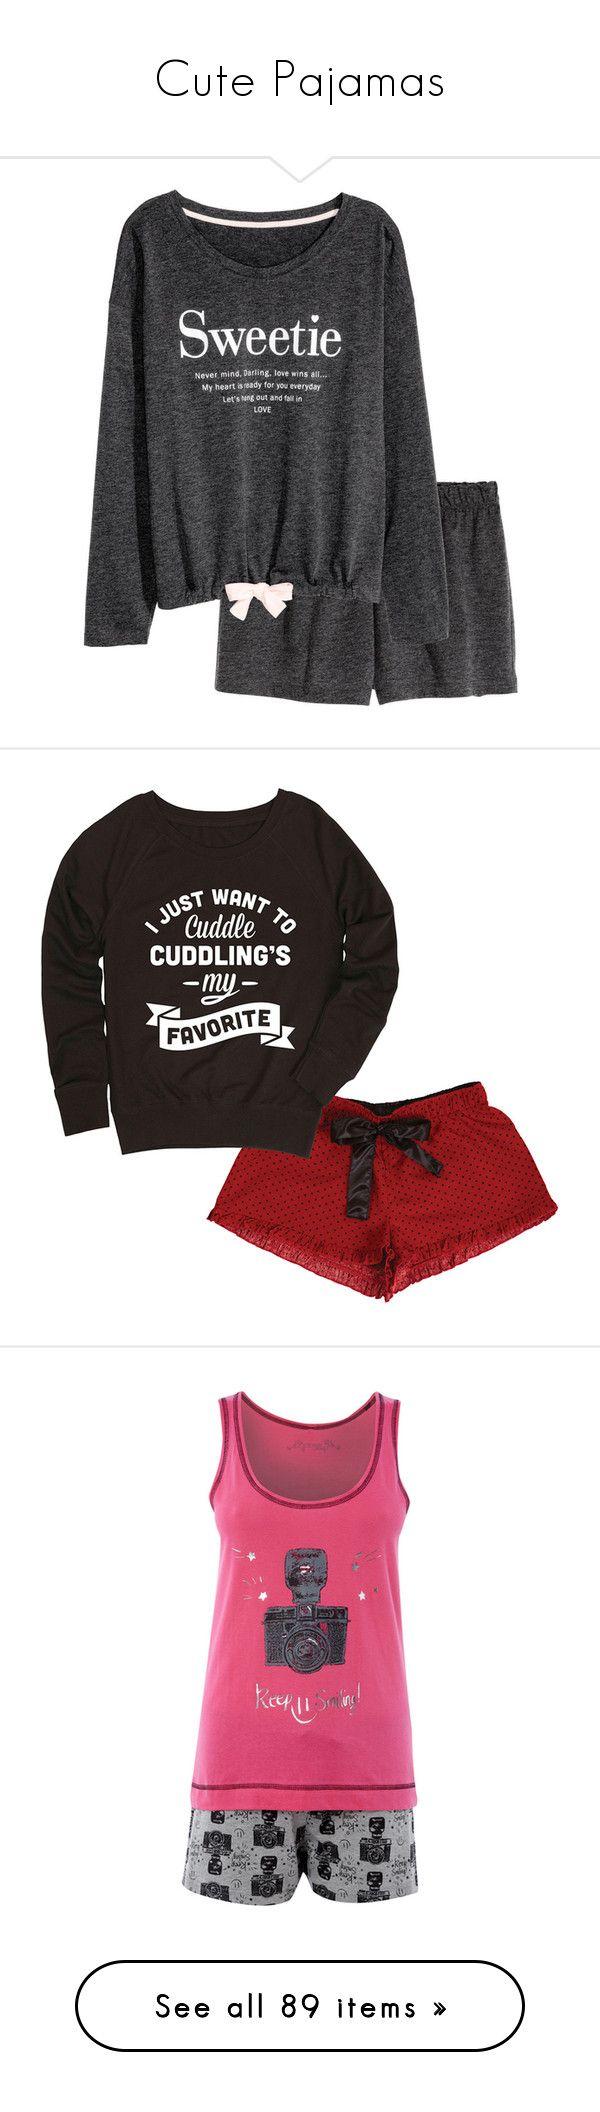 """""""Cute Pajamas"""" by chibi-space-gal ❤ liked on Polyvore featuring shorts, pajamas, intimates, sleepwear, green pajamas, pijamas, pyjamas, salewomensclothing sale, women's clothing and shoes"""